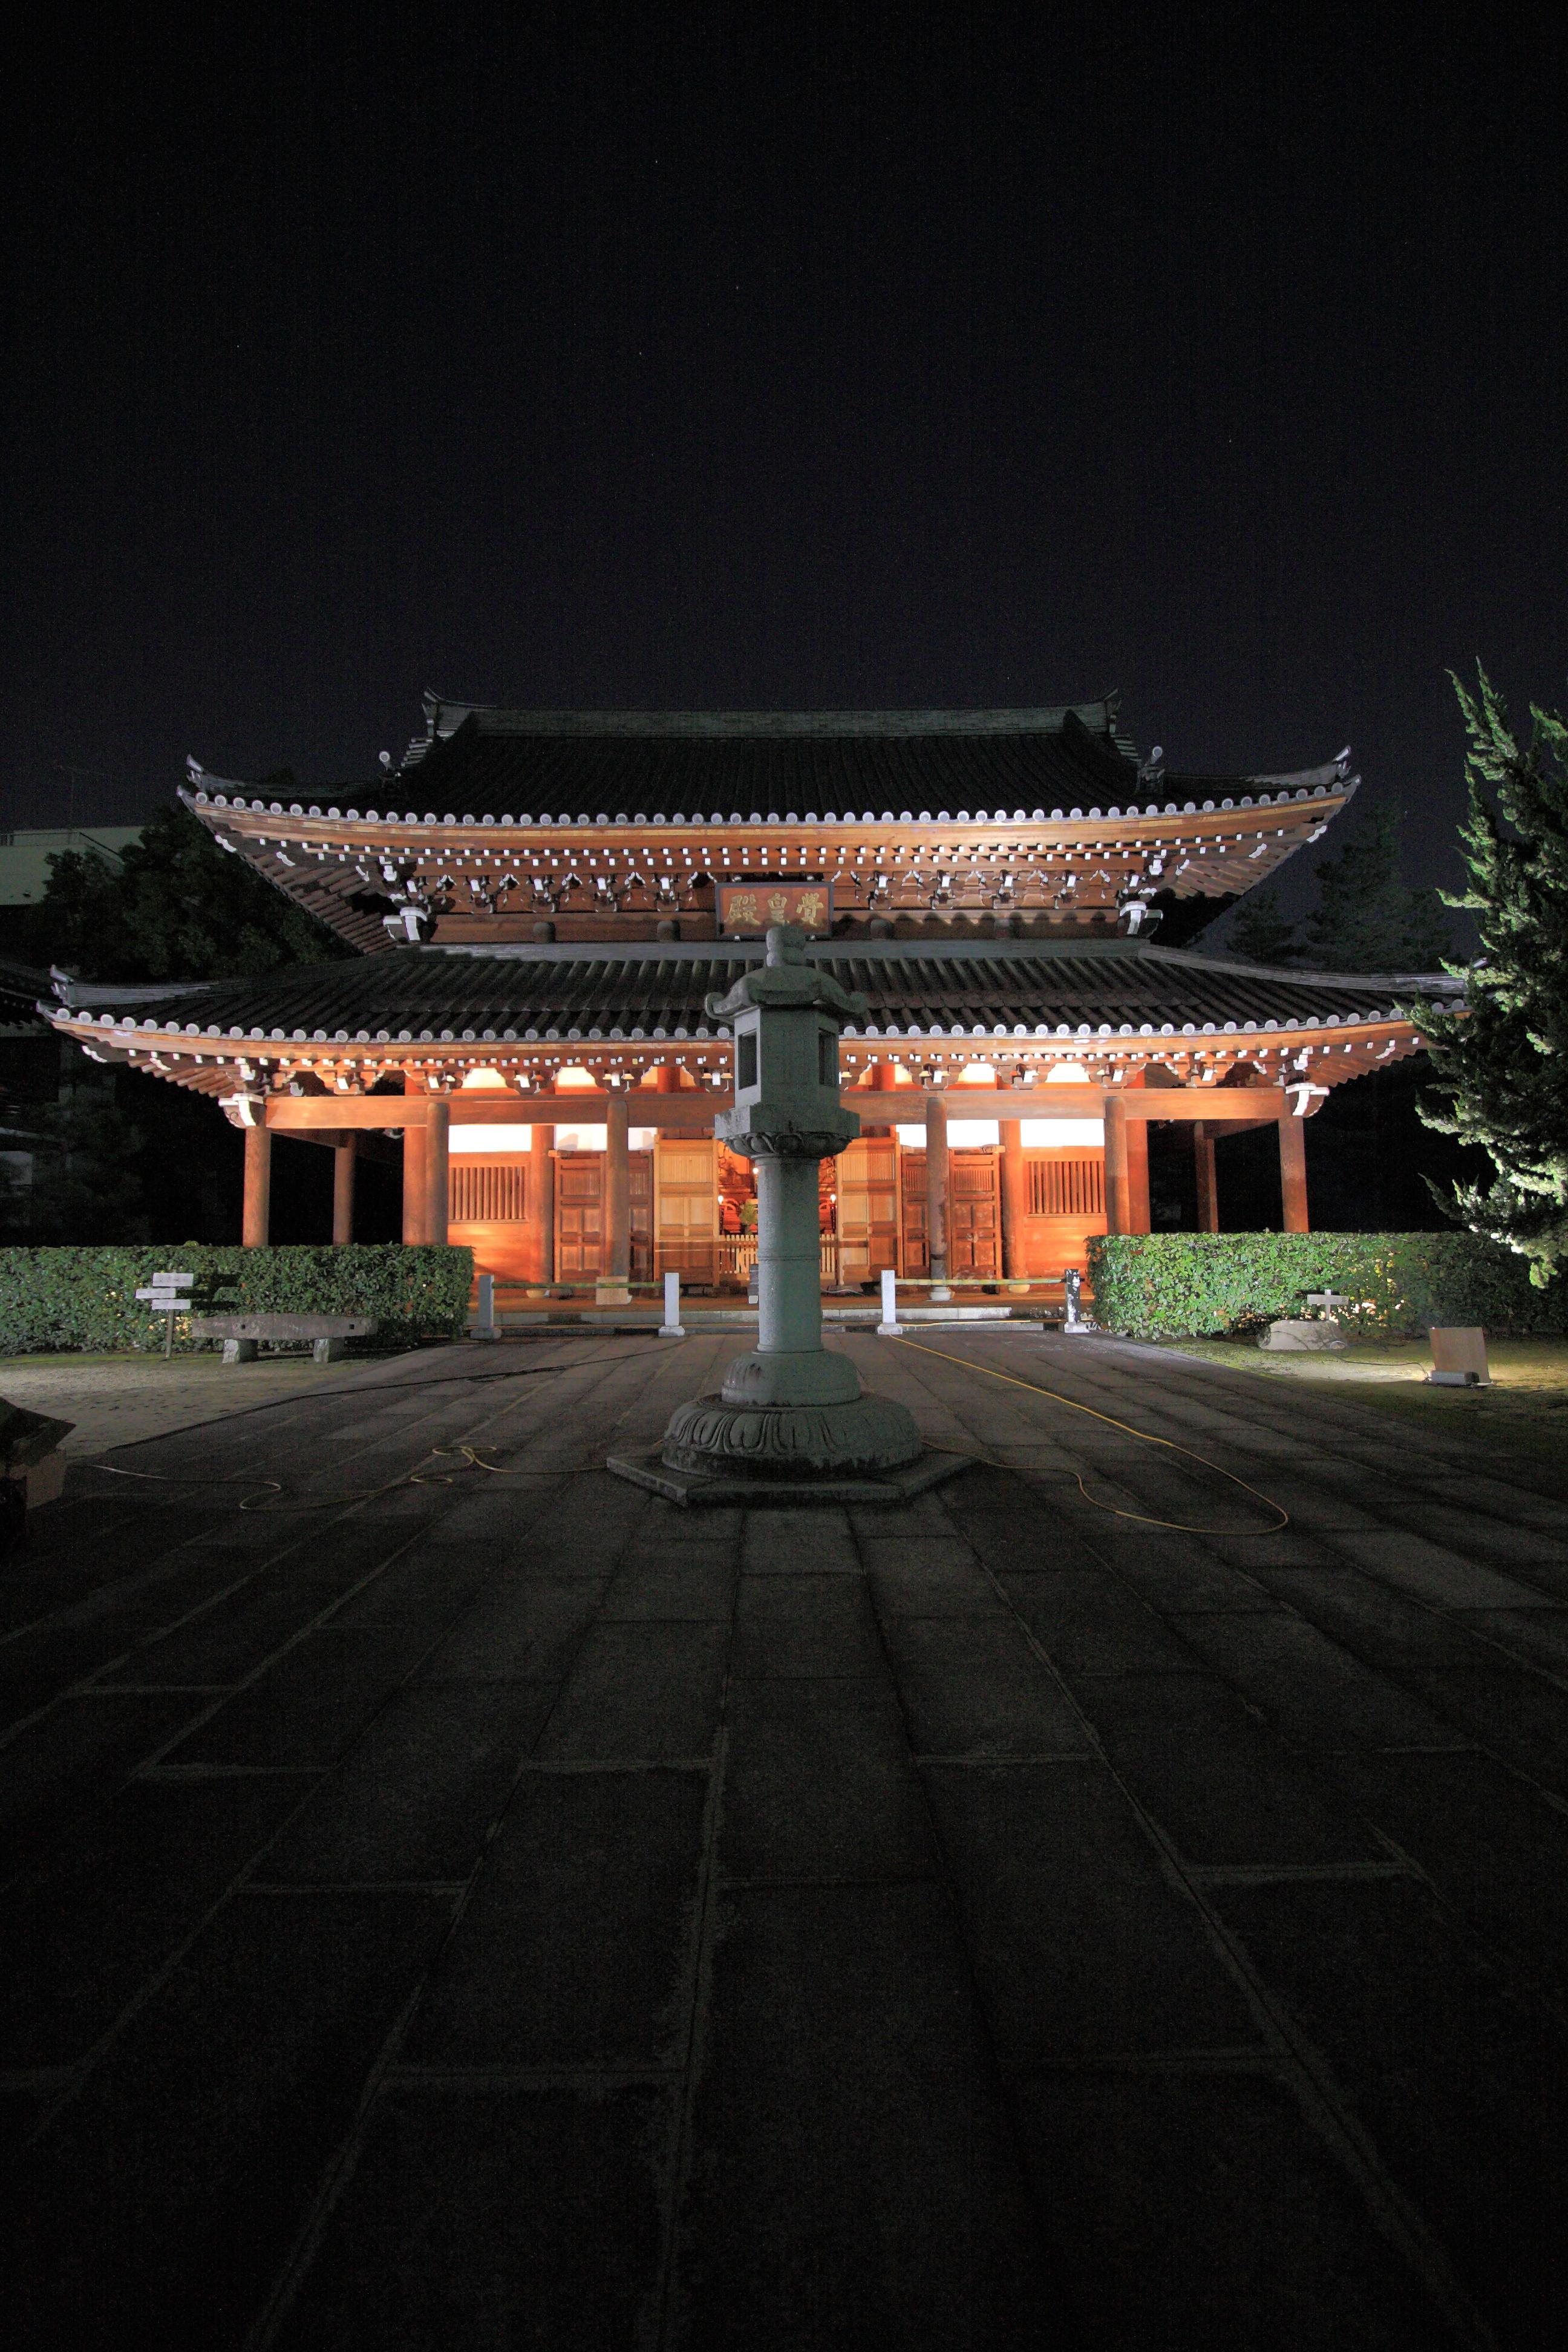 博多ライトアップウォーク・承天寺(2011)の画像